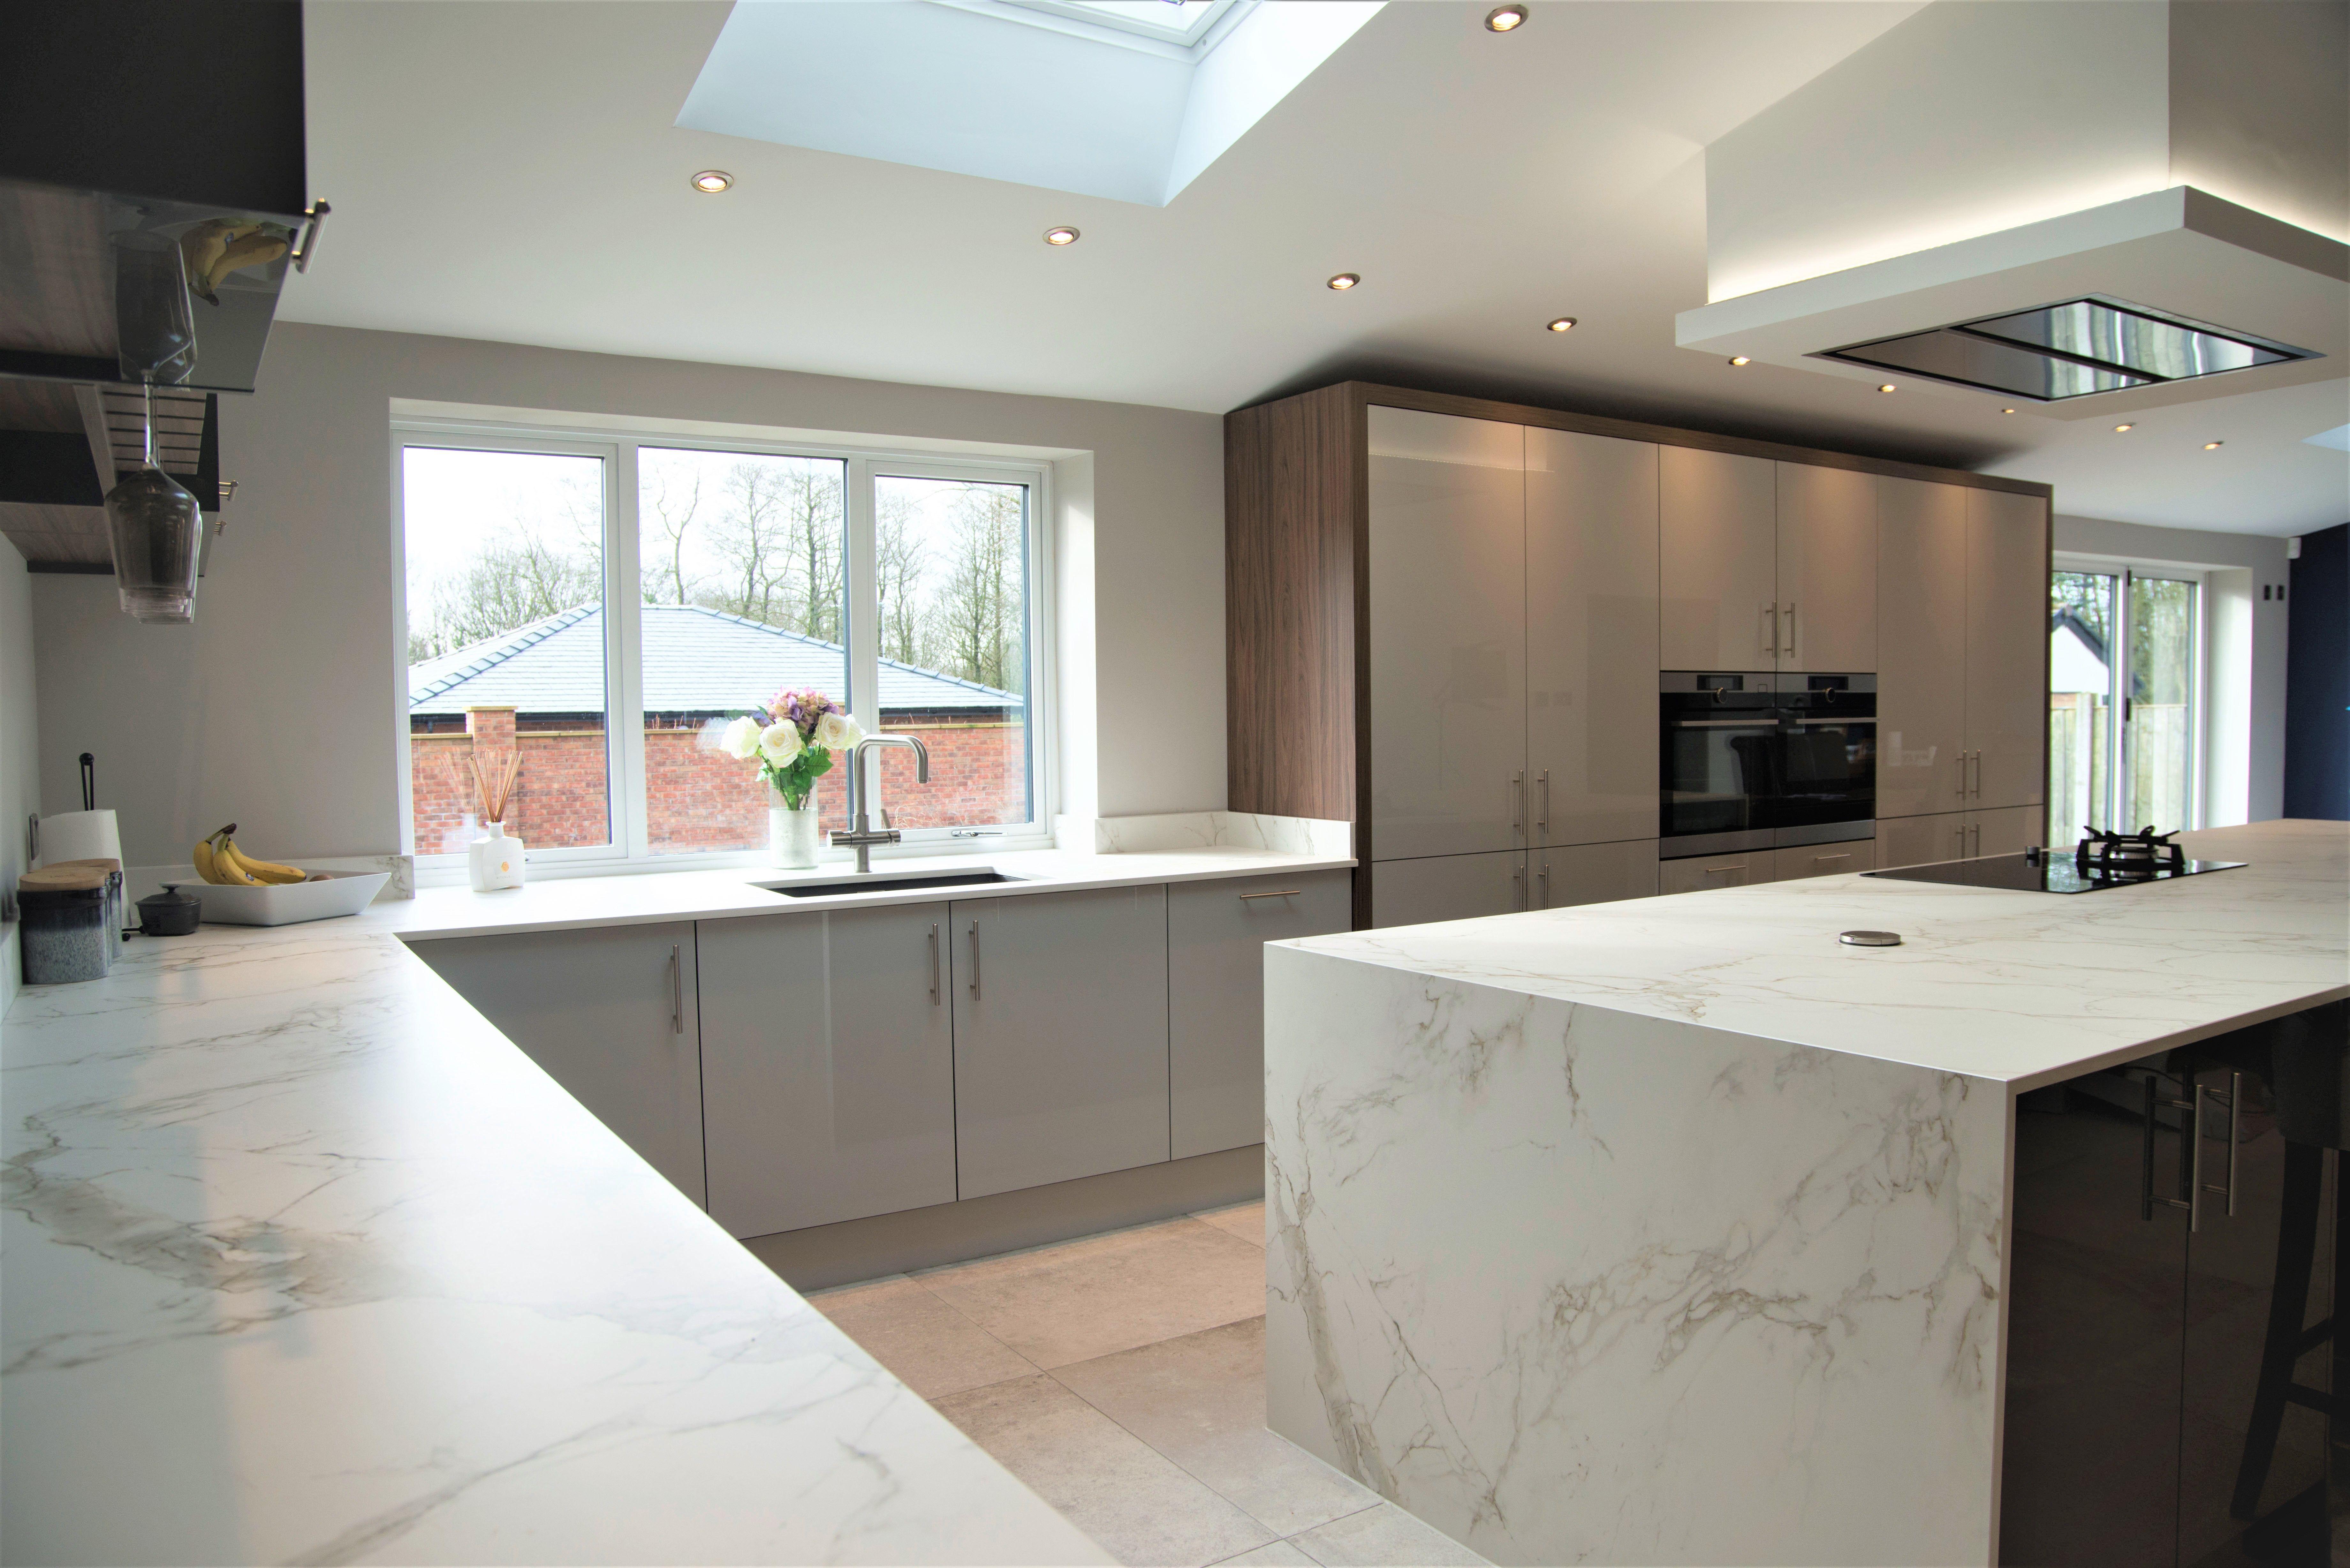 Masterclass Lumina Kitchen High Gloss Light Grey Graphite And Walnut Dekton Entzo Kitchen Dekton Home Decor